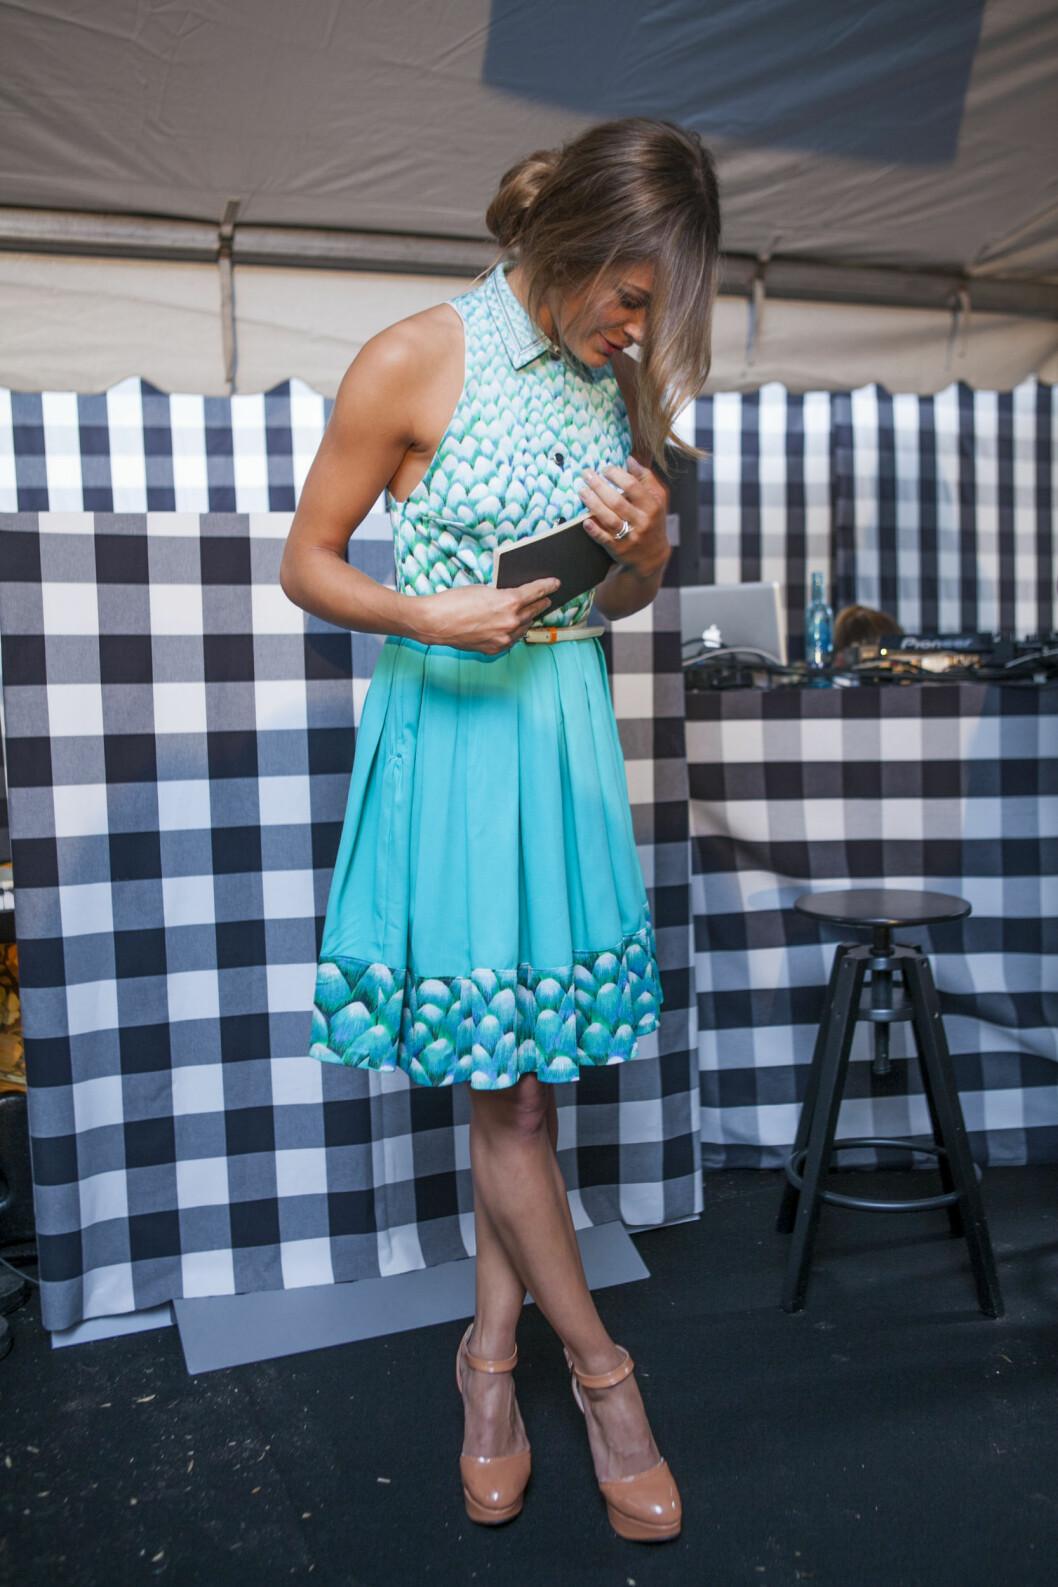 <strong>SE MIN KJOLE:</strong> Tidligere vaskekone-kjole, nå Jenny Skavlan-kjole.  Foto: Per Ervland